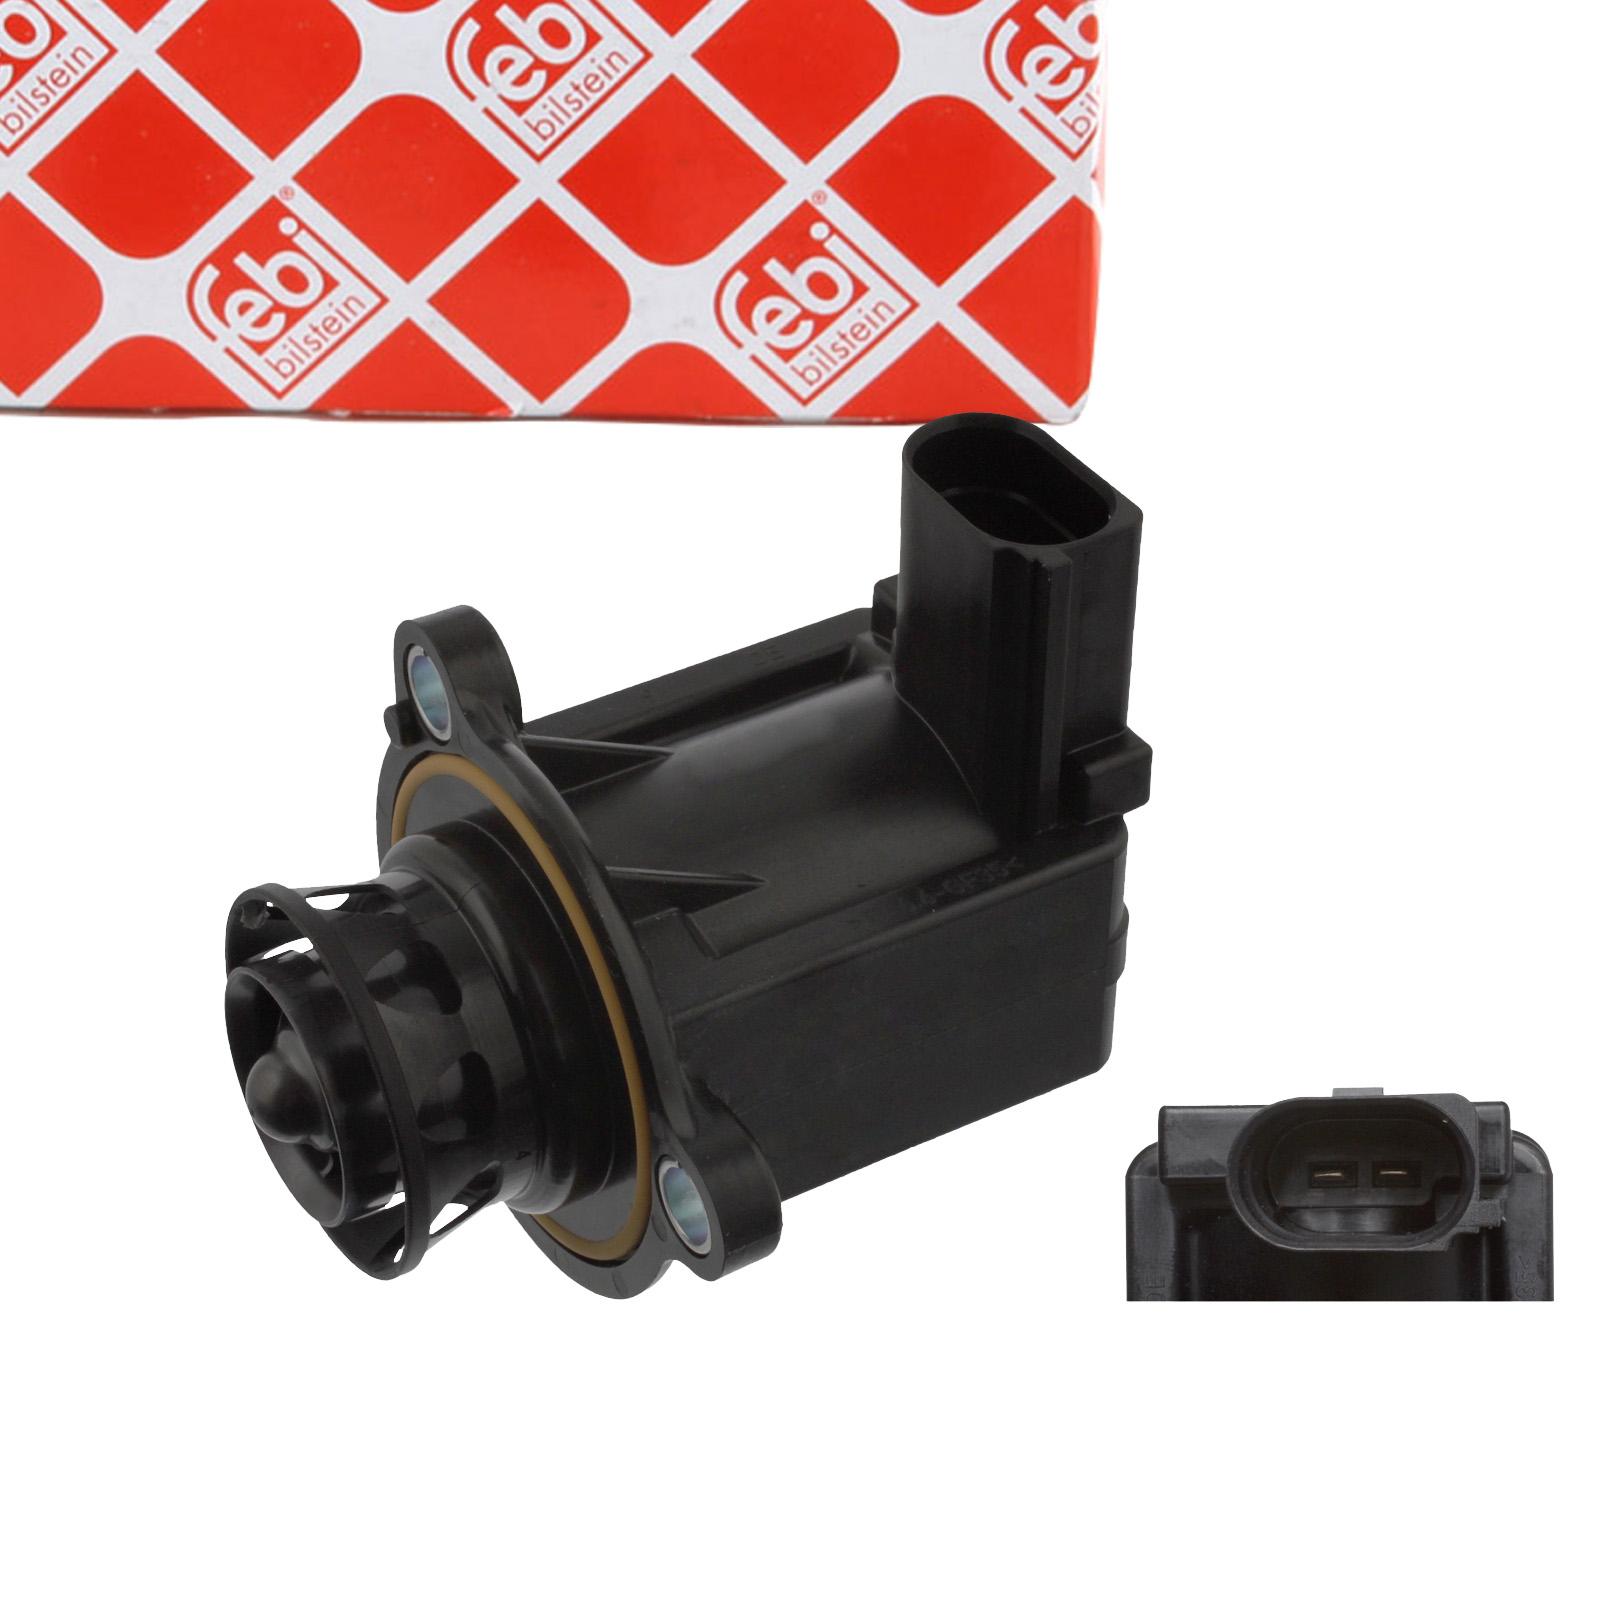 FEBI Schubumluftventil Umschaltventil Turbolader AUDI SEAT SKODA VW TSI 06H145710D